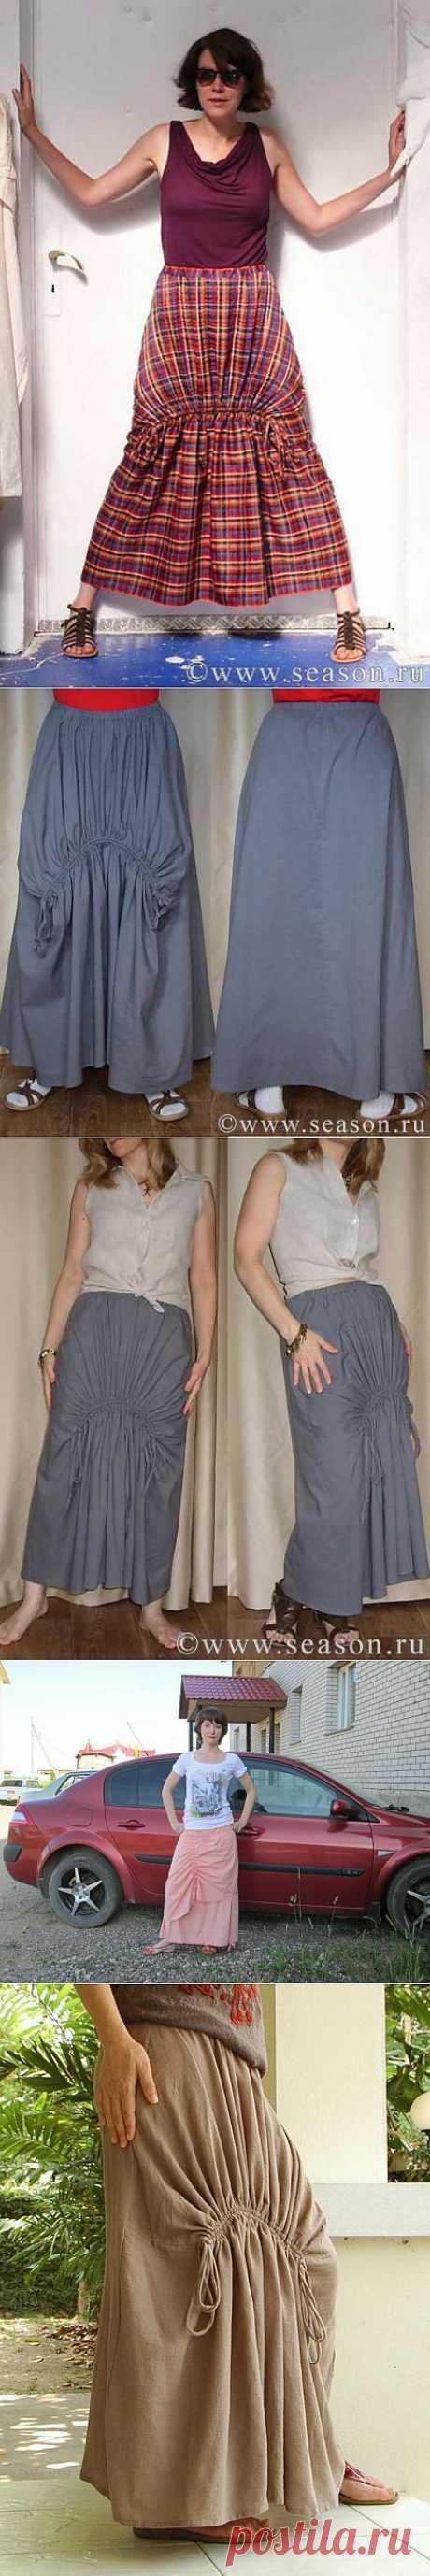 Тайская юбка.